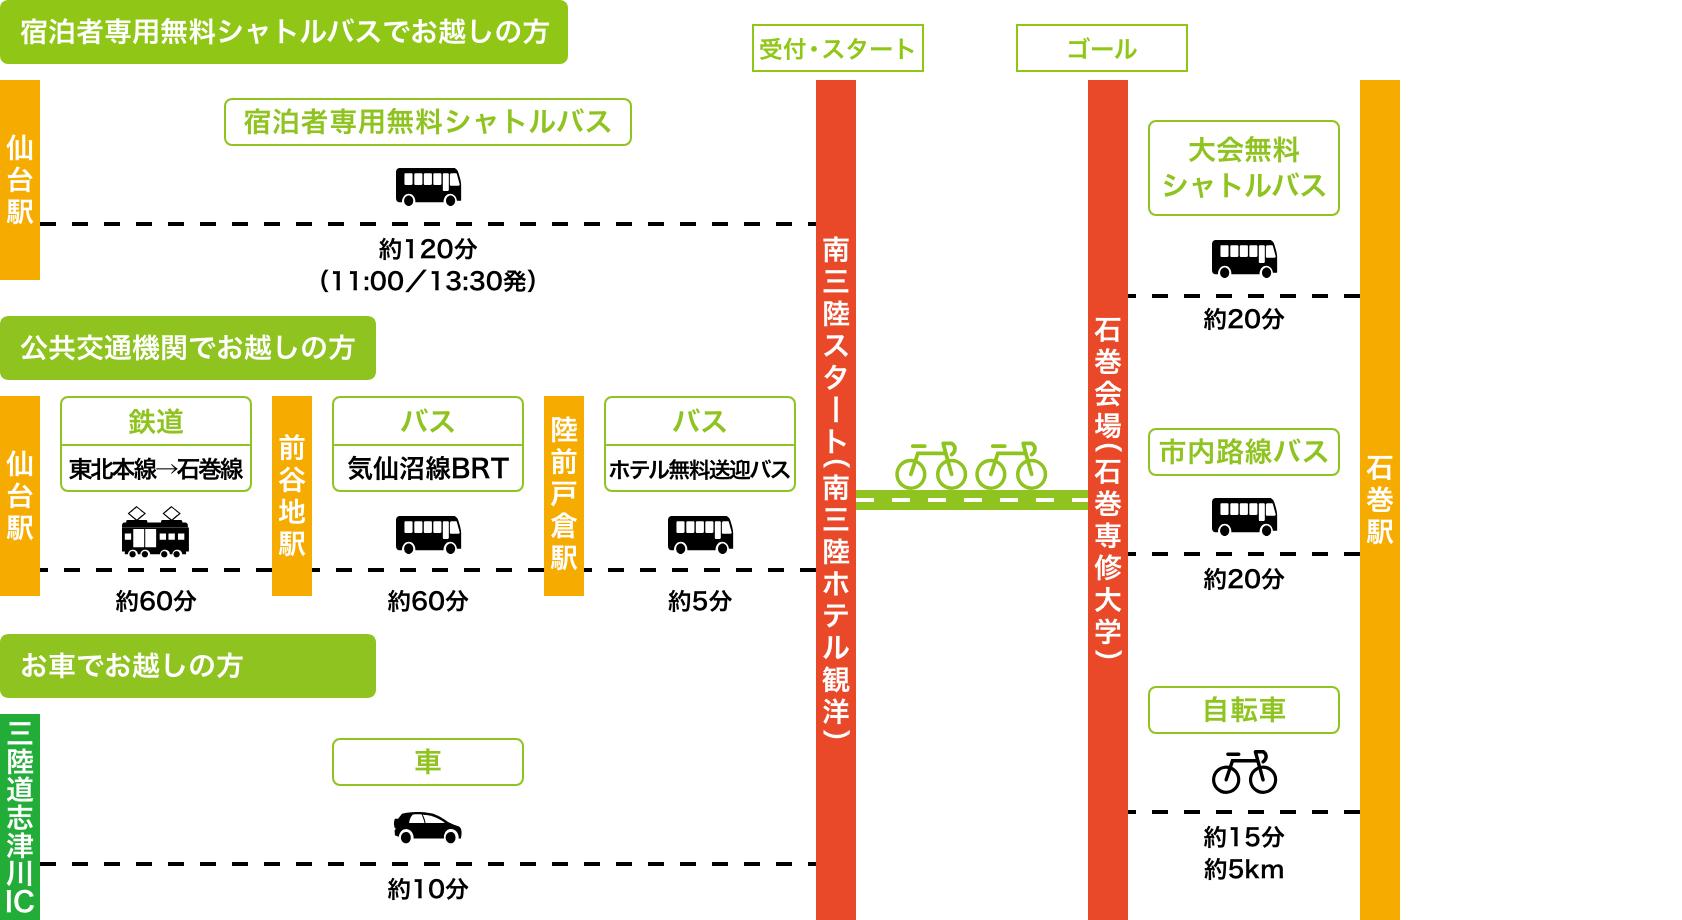 南三陸会場へのアクセス図